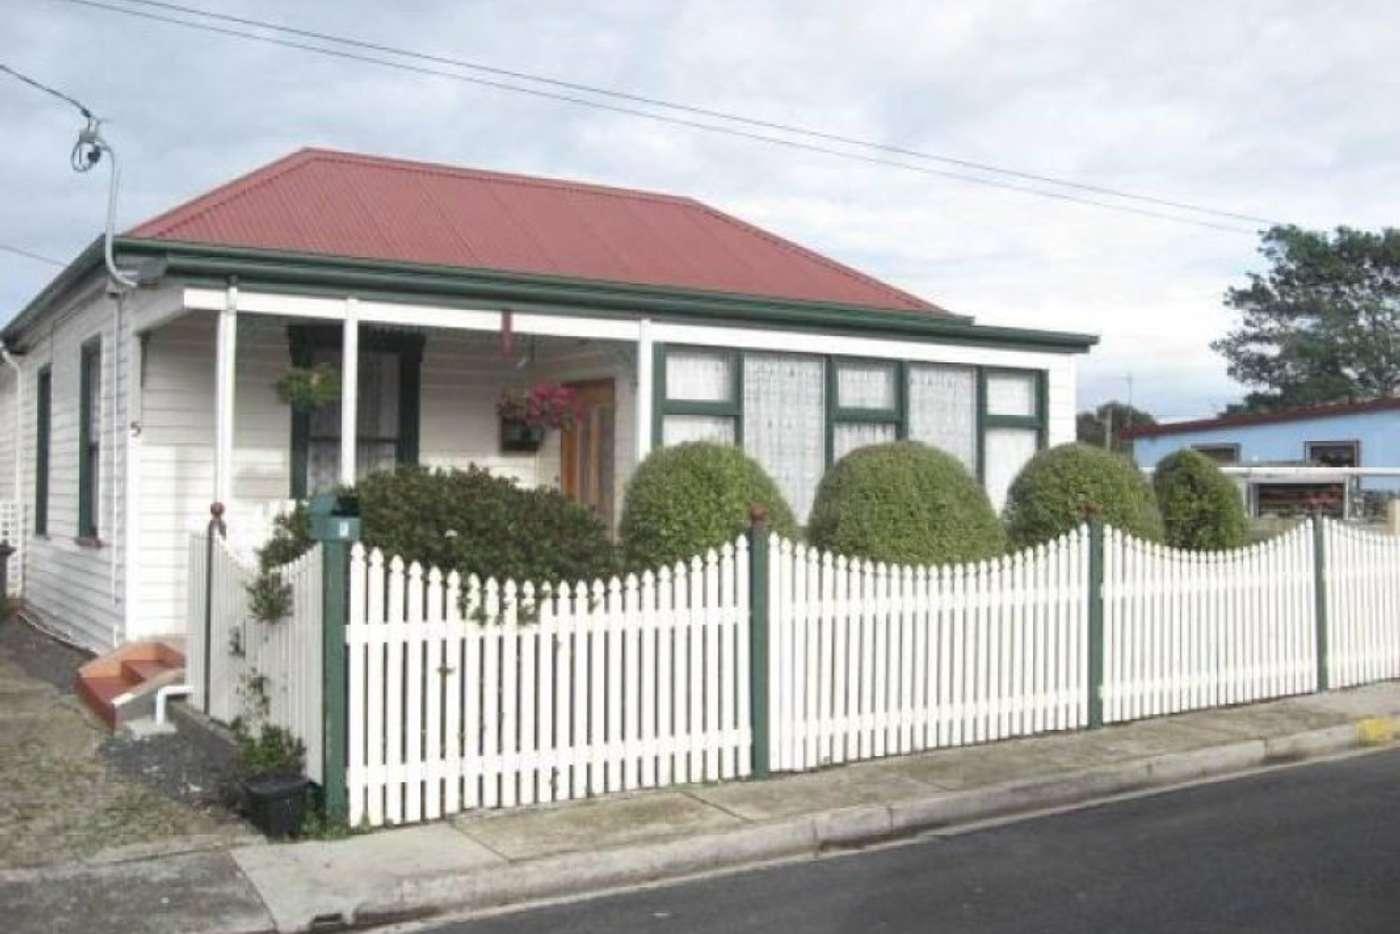 Main view of Homely house listing, 5 Arthur Street, Devonport TAS 7310